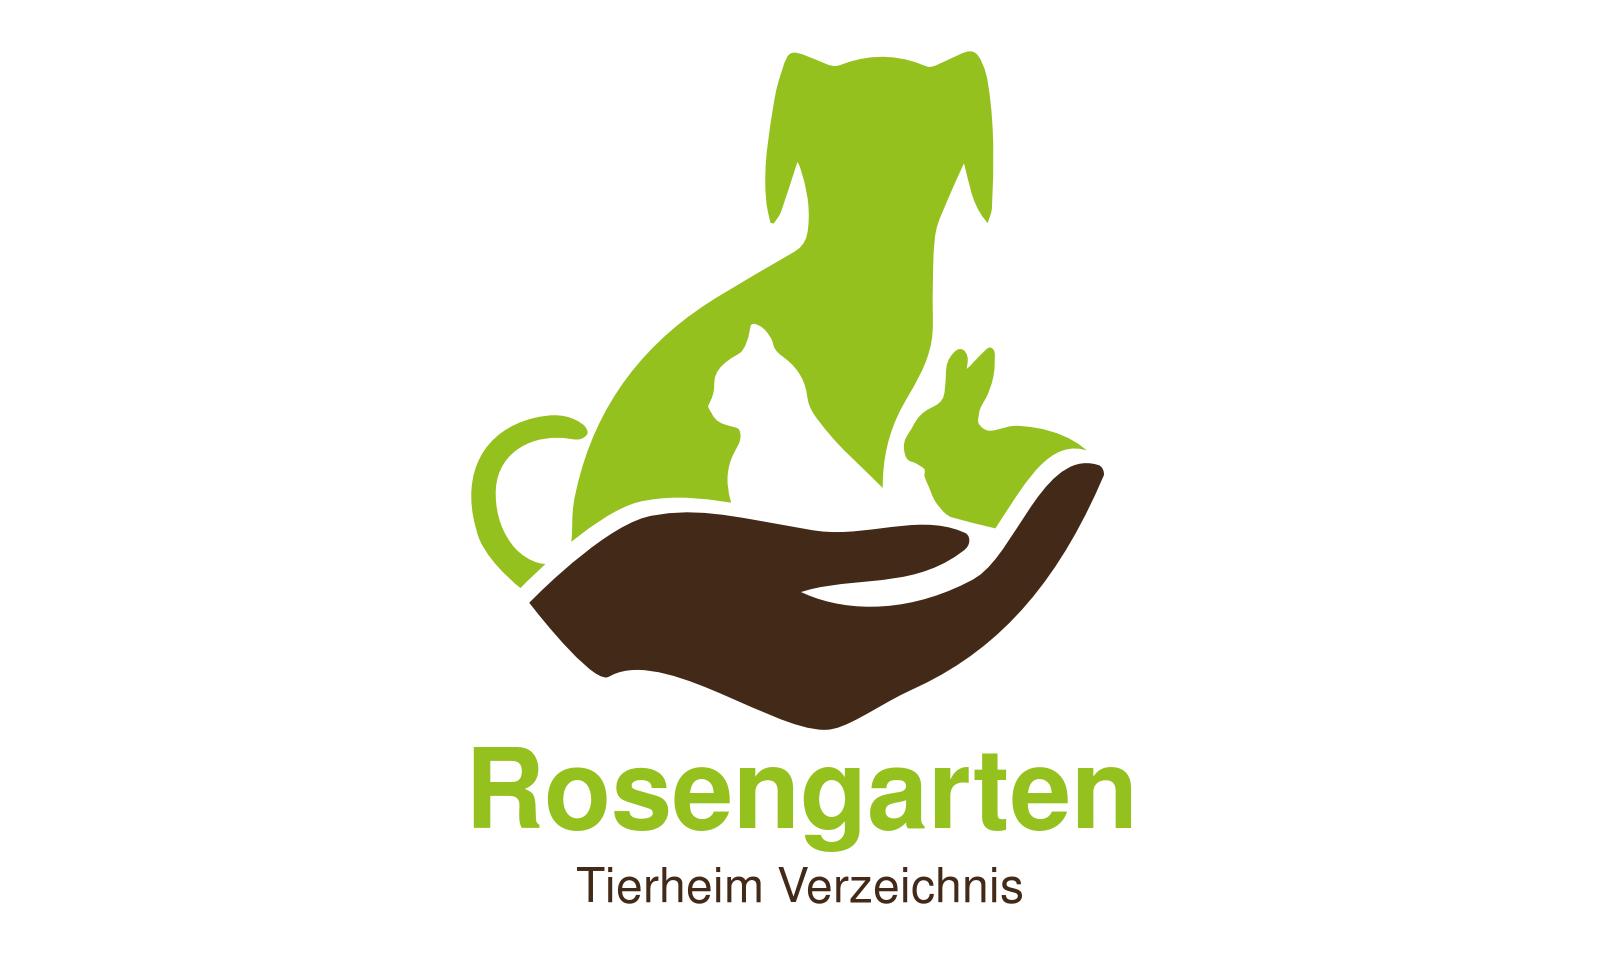 Tierheim Rosengarten